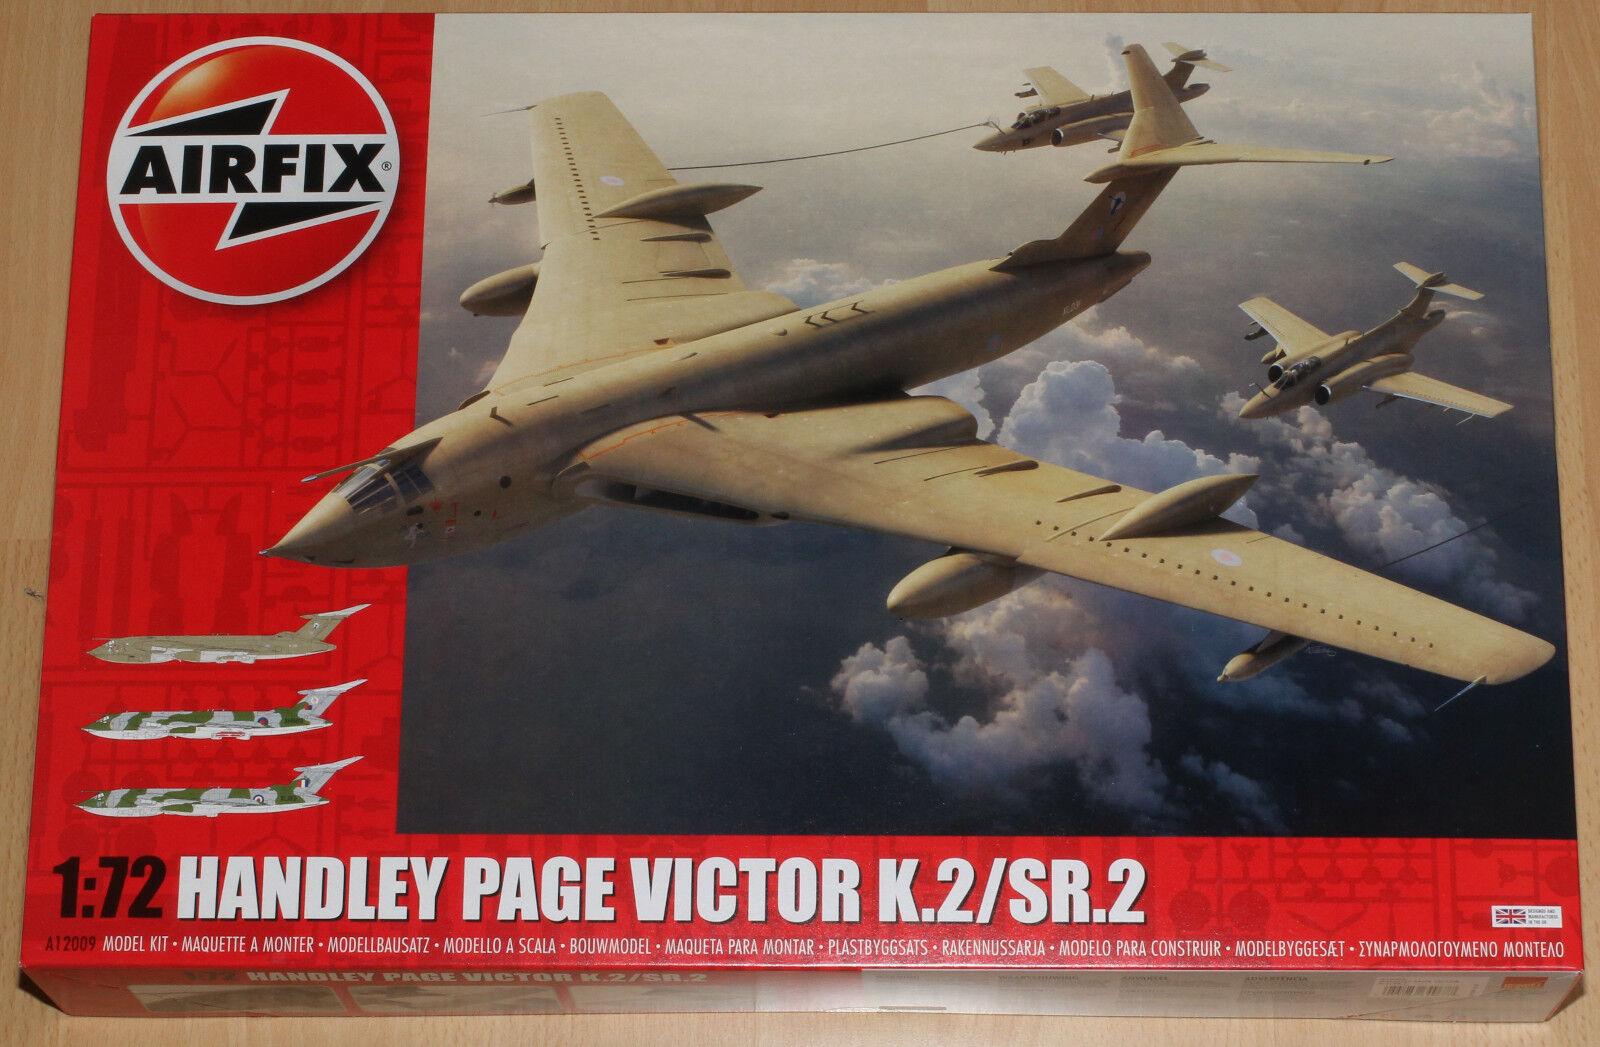 Airfix A12009 1 72 Bausatz Handley Page Victor K.2 SR.2  | Bekannt für seine gute Qualität